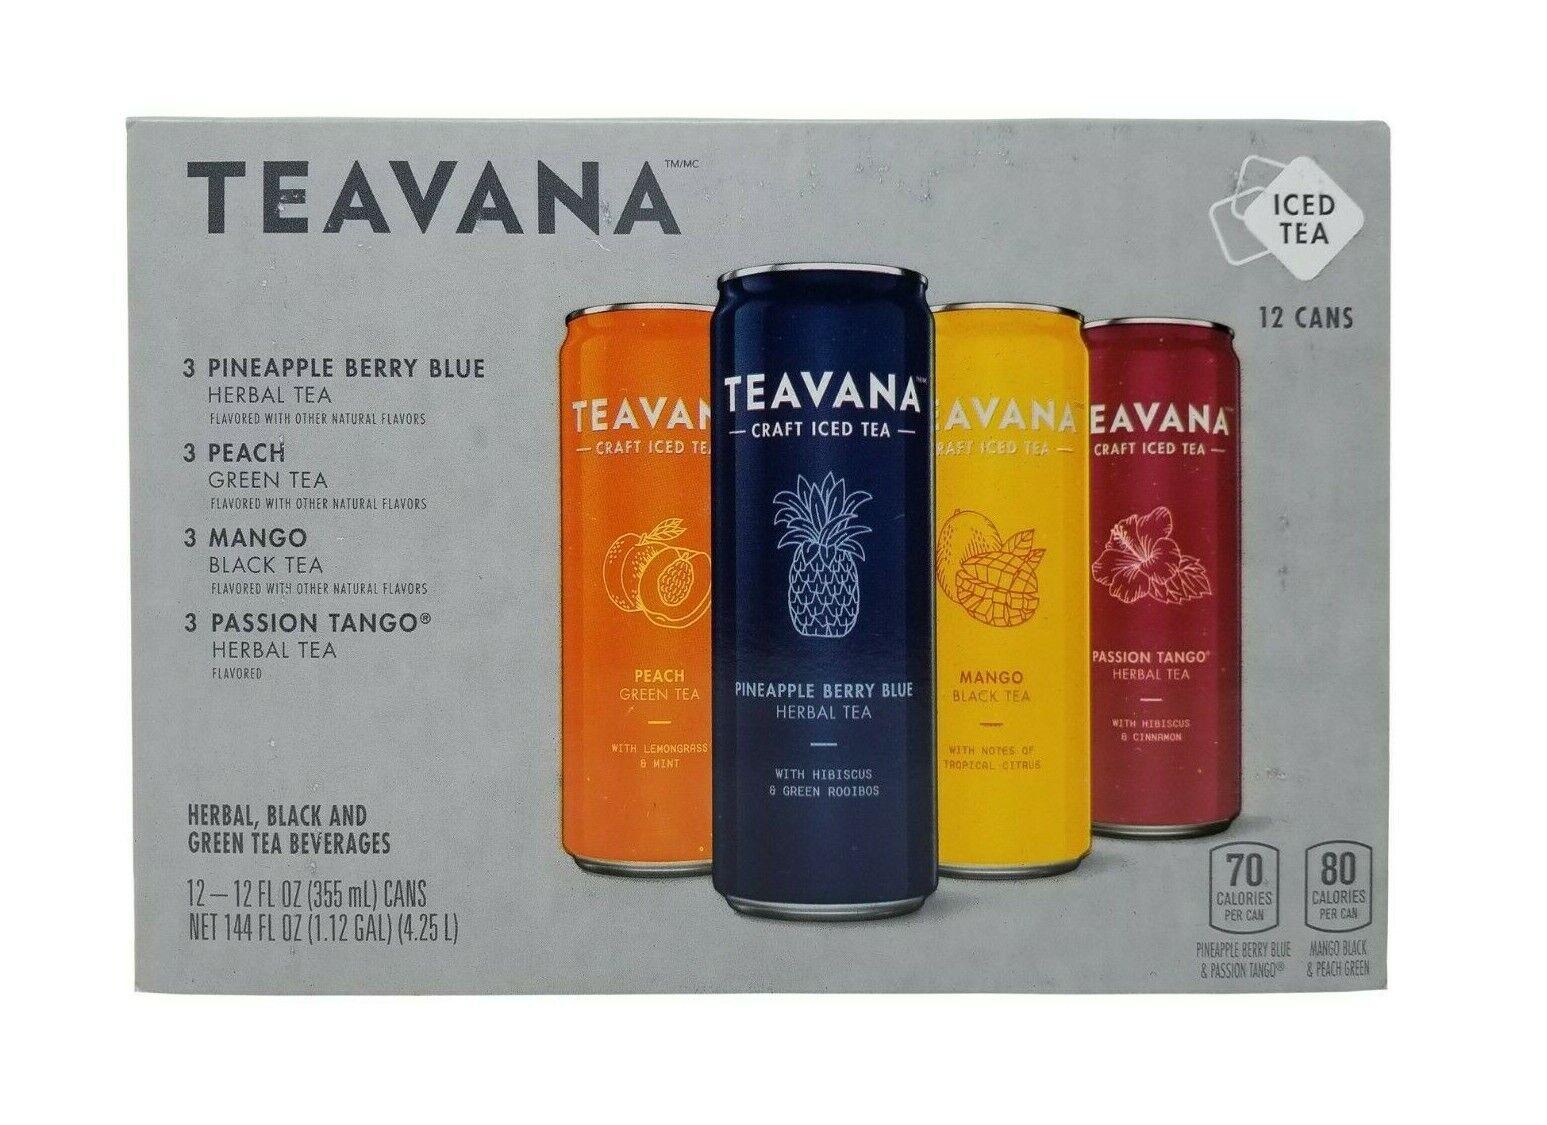 Teavana Craft Iced Tea, Pineapple Berry Blue Herbal Tea, Pea